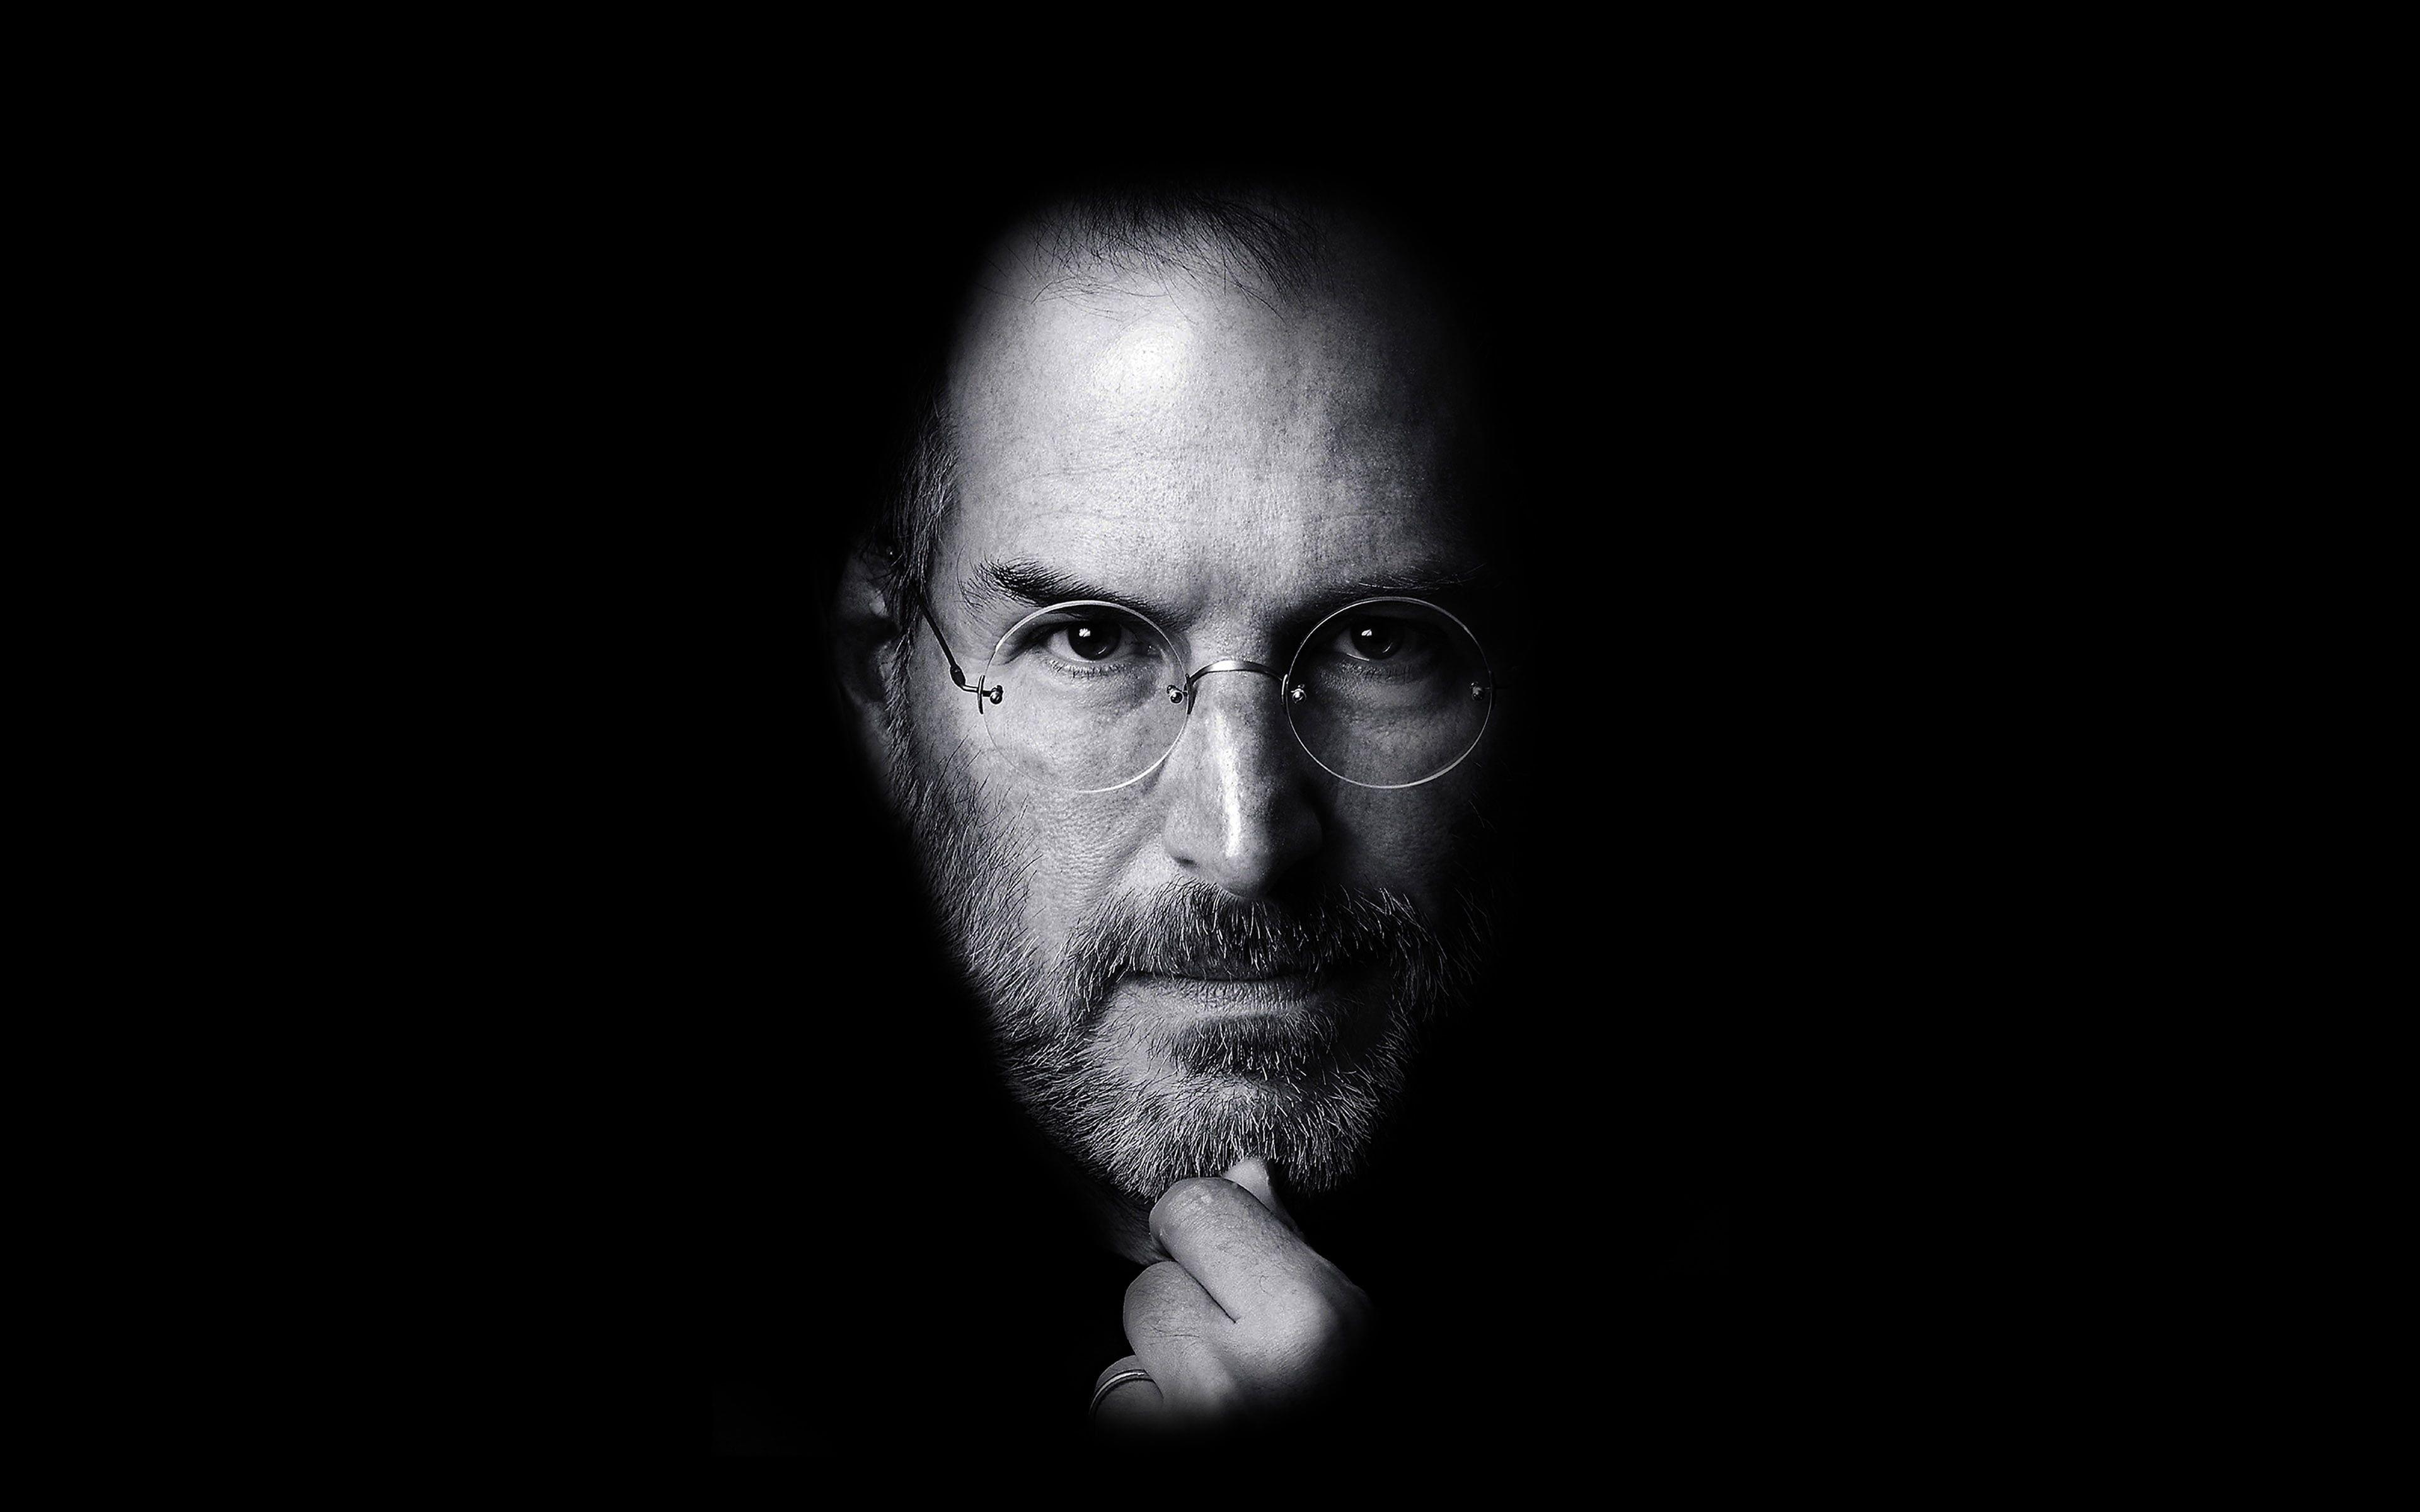 Wallpaper Steve Jobs Face Apple 4k Wallpaper Hdwallpaper Desktop Steve Jobs Steve Jobs Quotes Perspective On Life